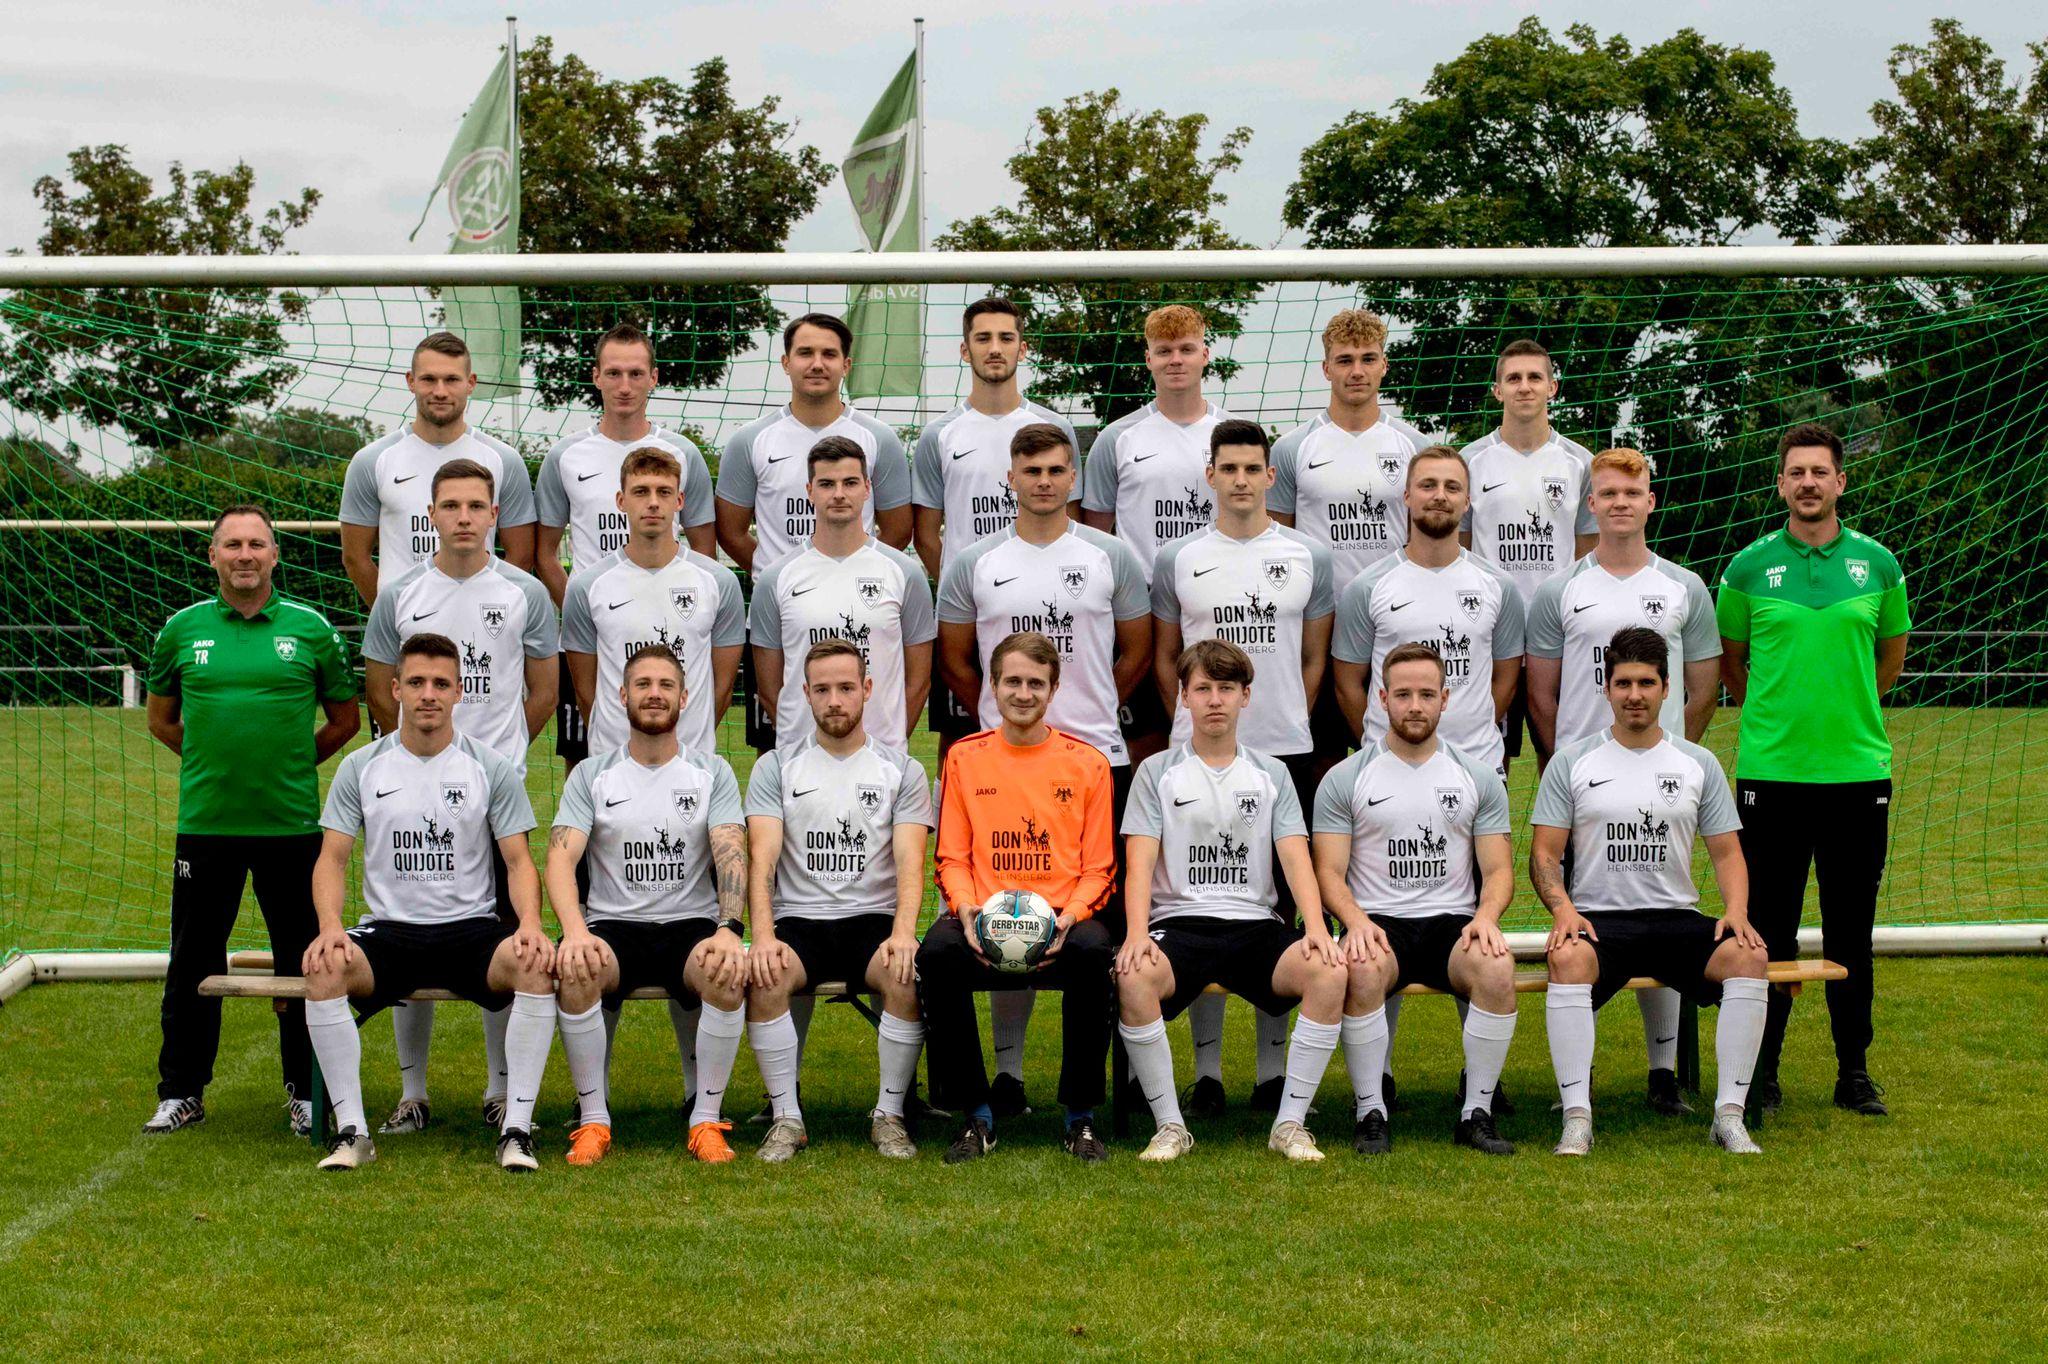 1. Mannschaft SV Adler Effeld